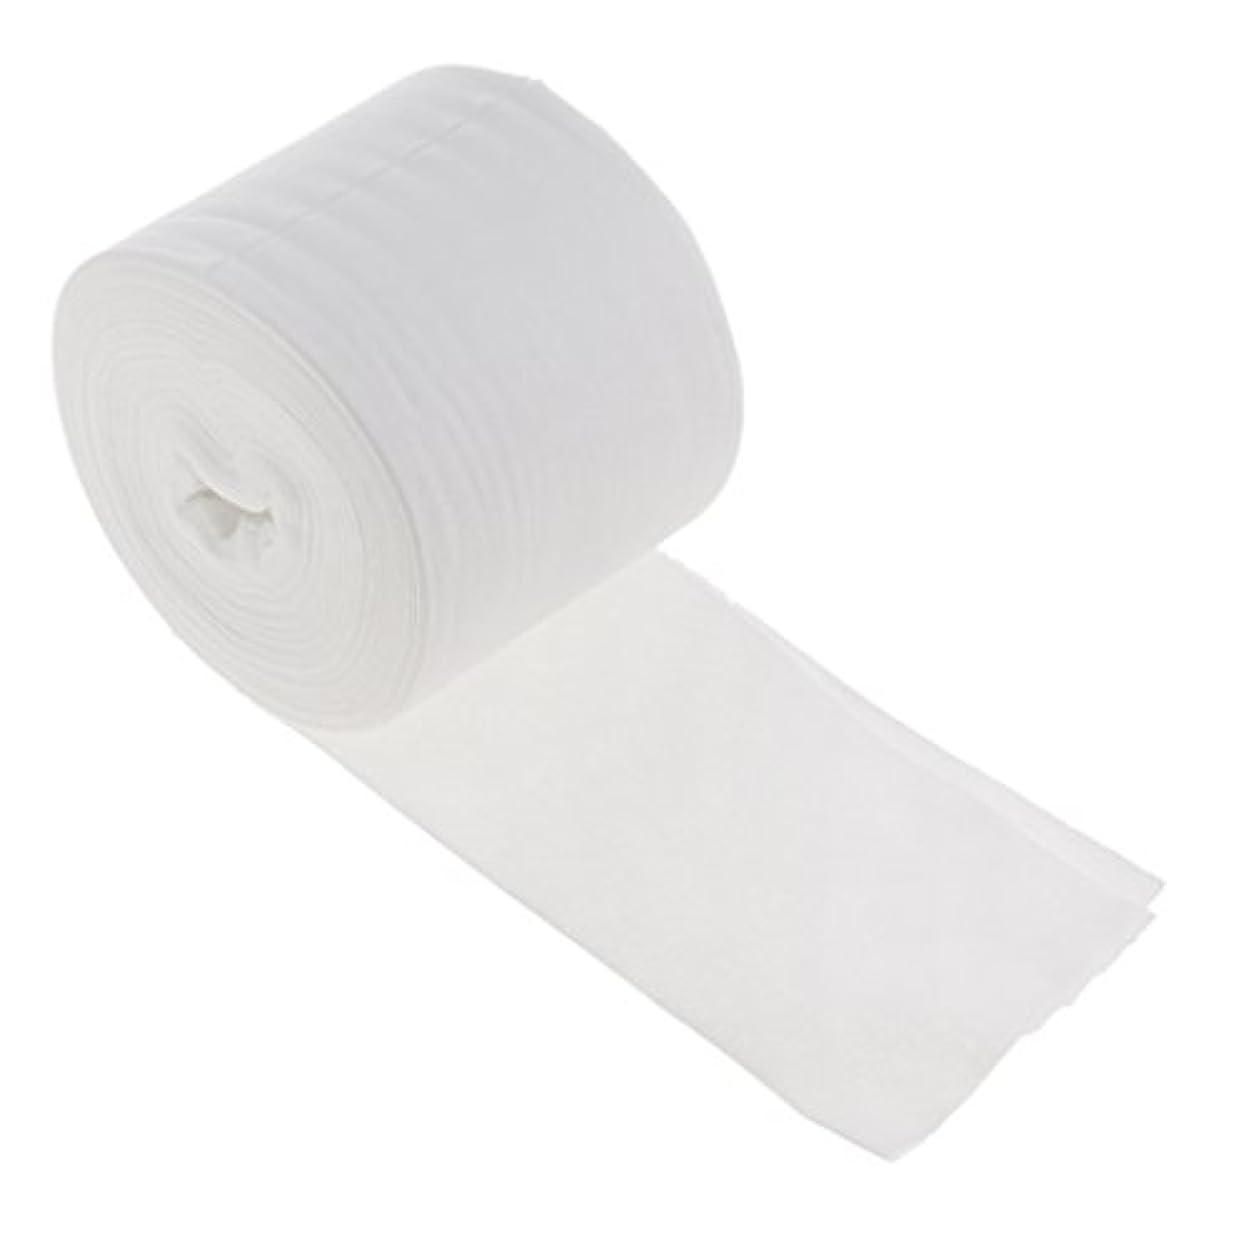 放課後男暫定顔タオル 使い捨て フェイシャルタオル 洗顔 クリーニング 携帯 旅行 化粧品 柔らかい 綿製